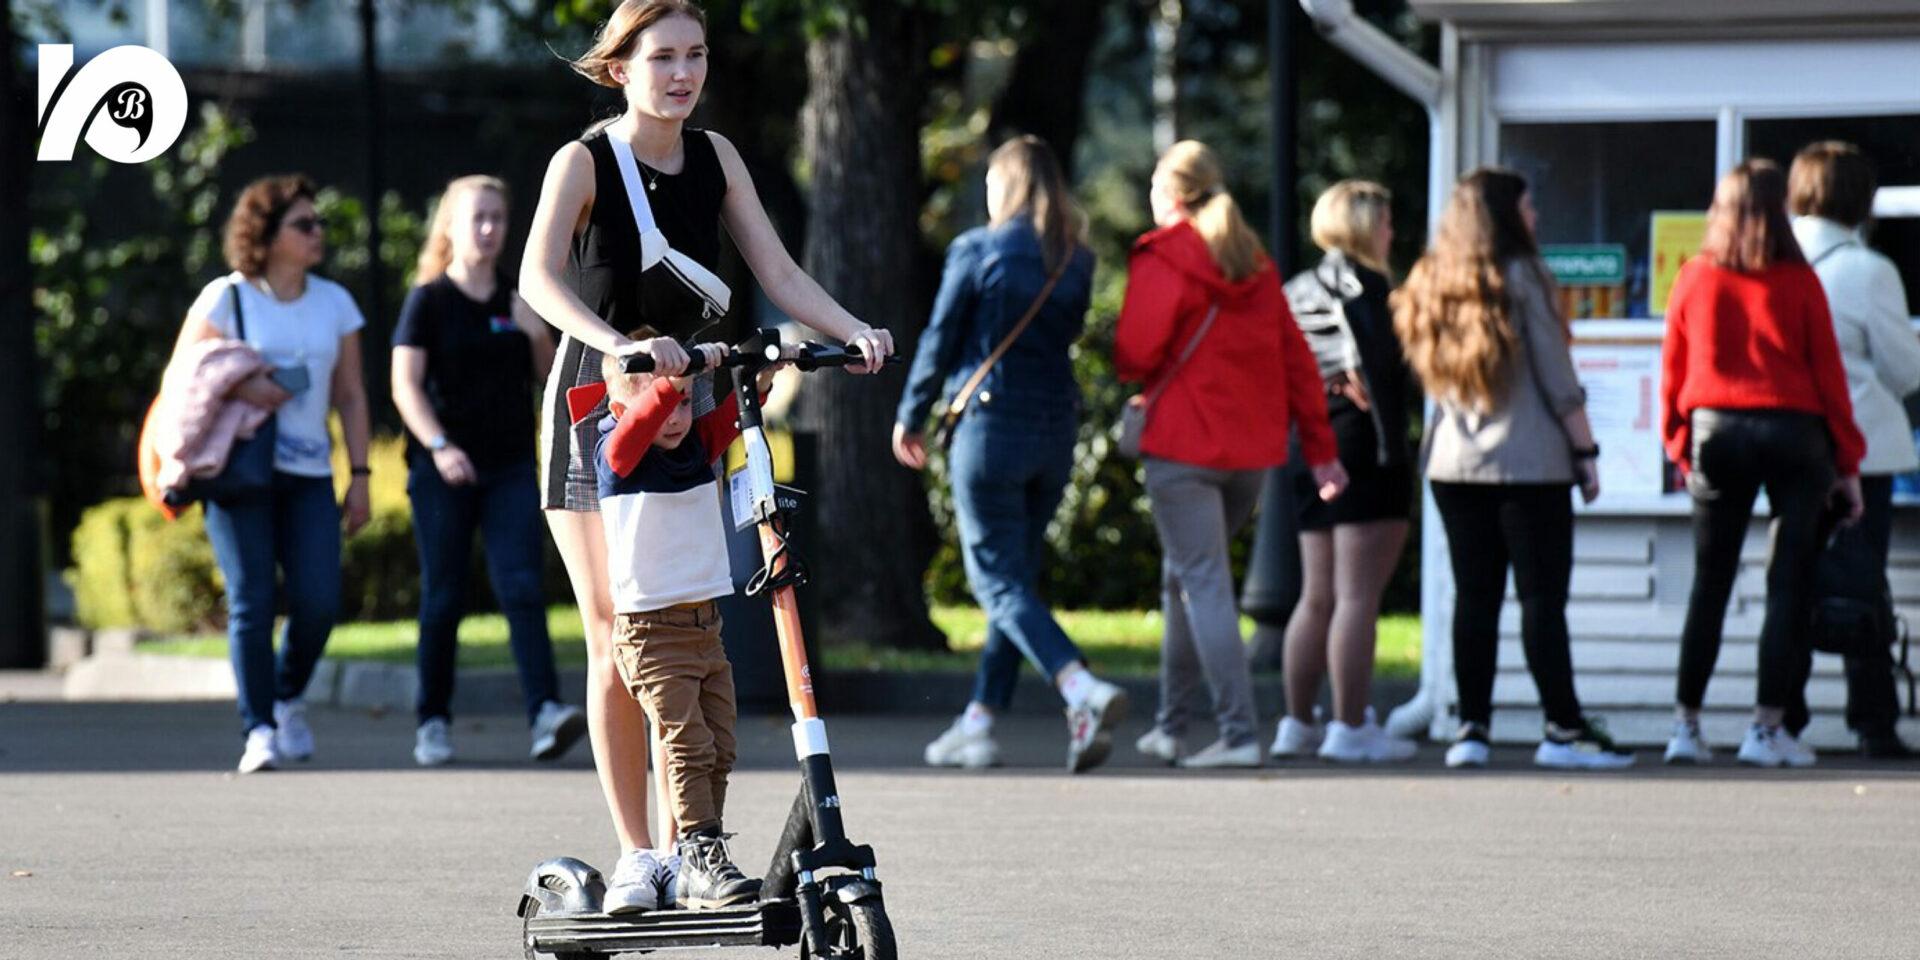 Все популярнее становятся электросамокаты и другие так называемые средства индивидуальной мобильности. И не смолкают споры: по каким правилам им ездить? Как вести себя на проезжей части? Или это пешеходы и их место на тротуаре?